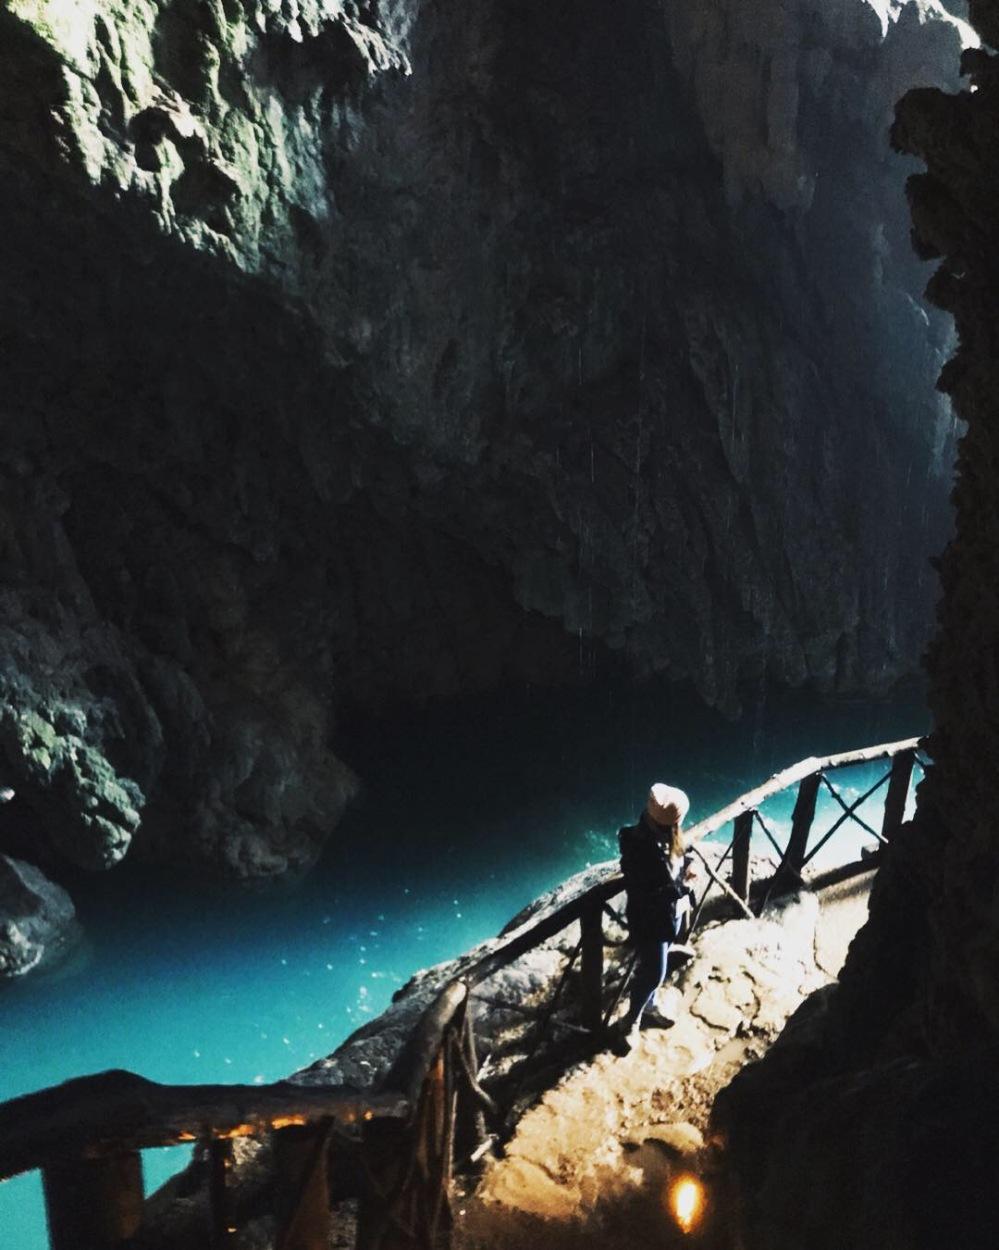 el_monasterio_de_piedra_gruta_chica_espectacular_cueva